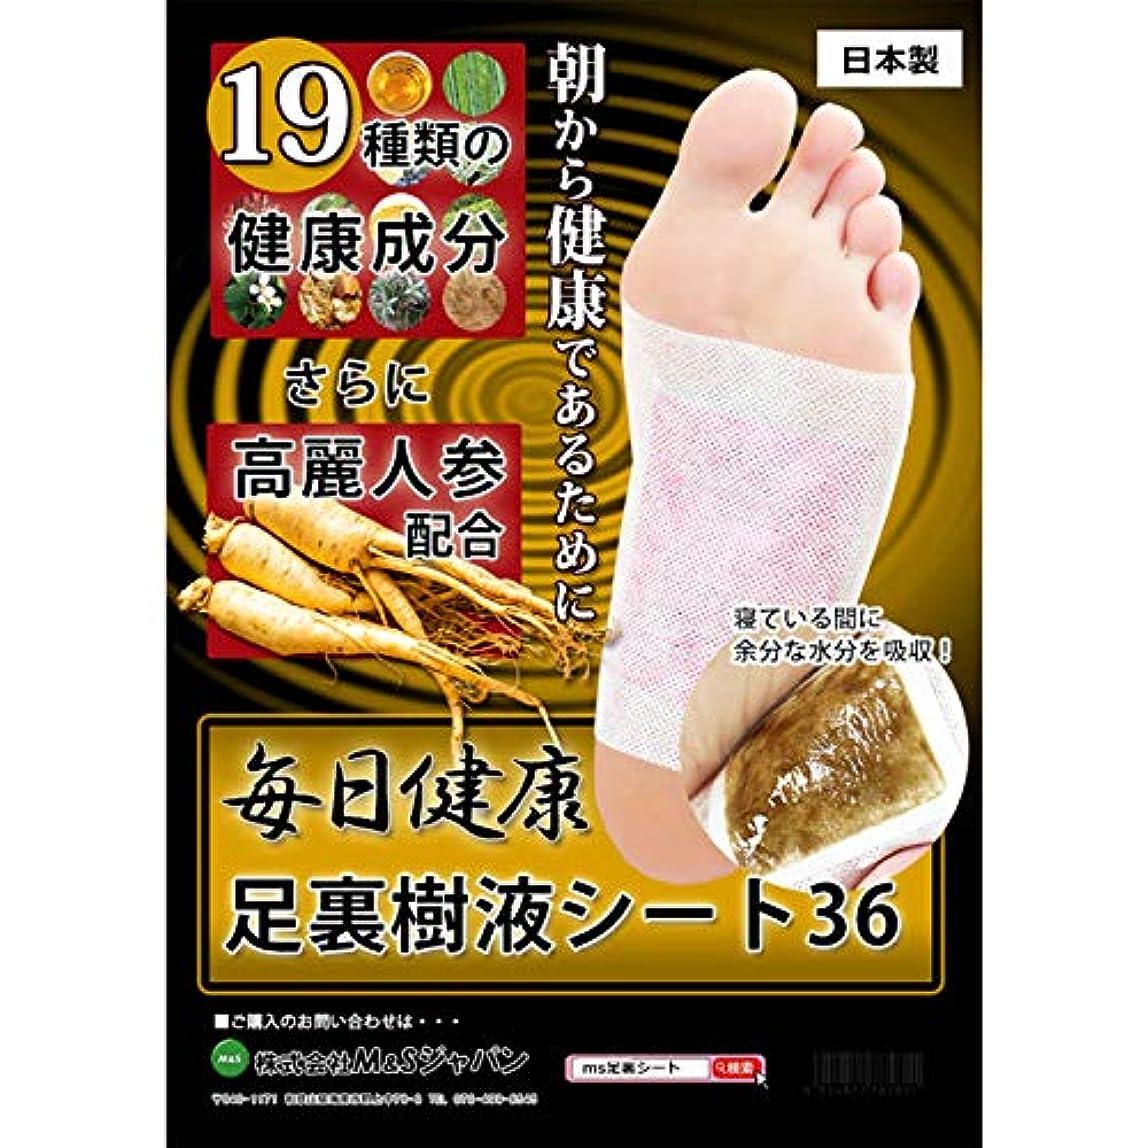 小学生徹底的にオン毎日 健康 足裏樹液シート 高麗人参入り+19種類の健康成分 36枚 日本製